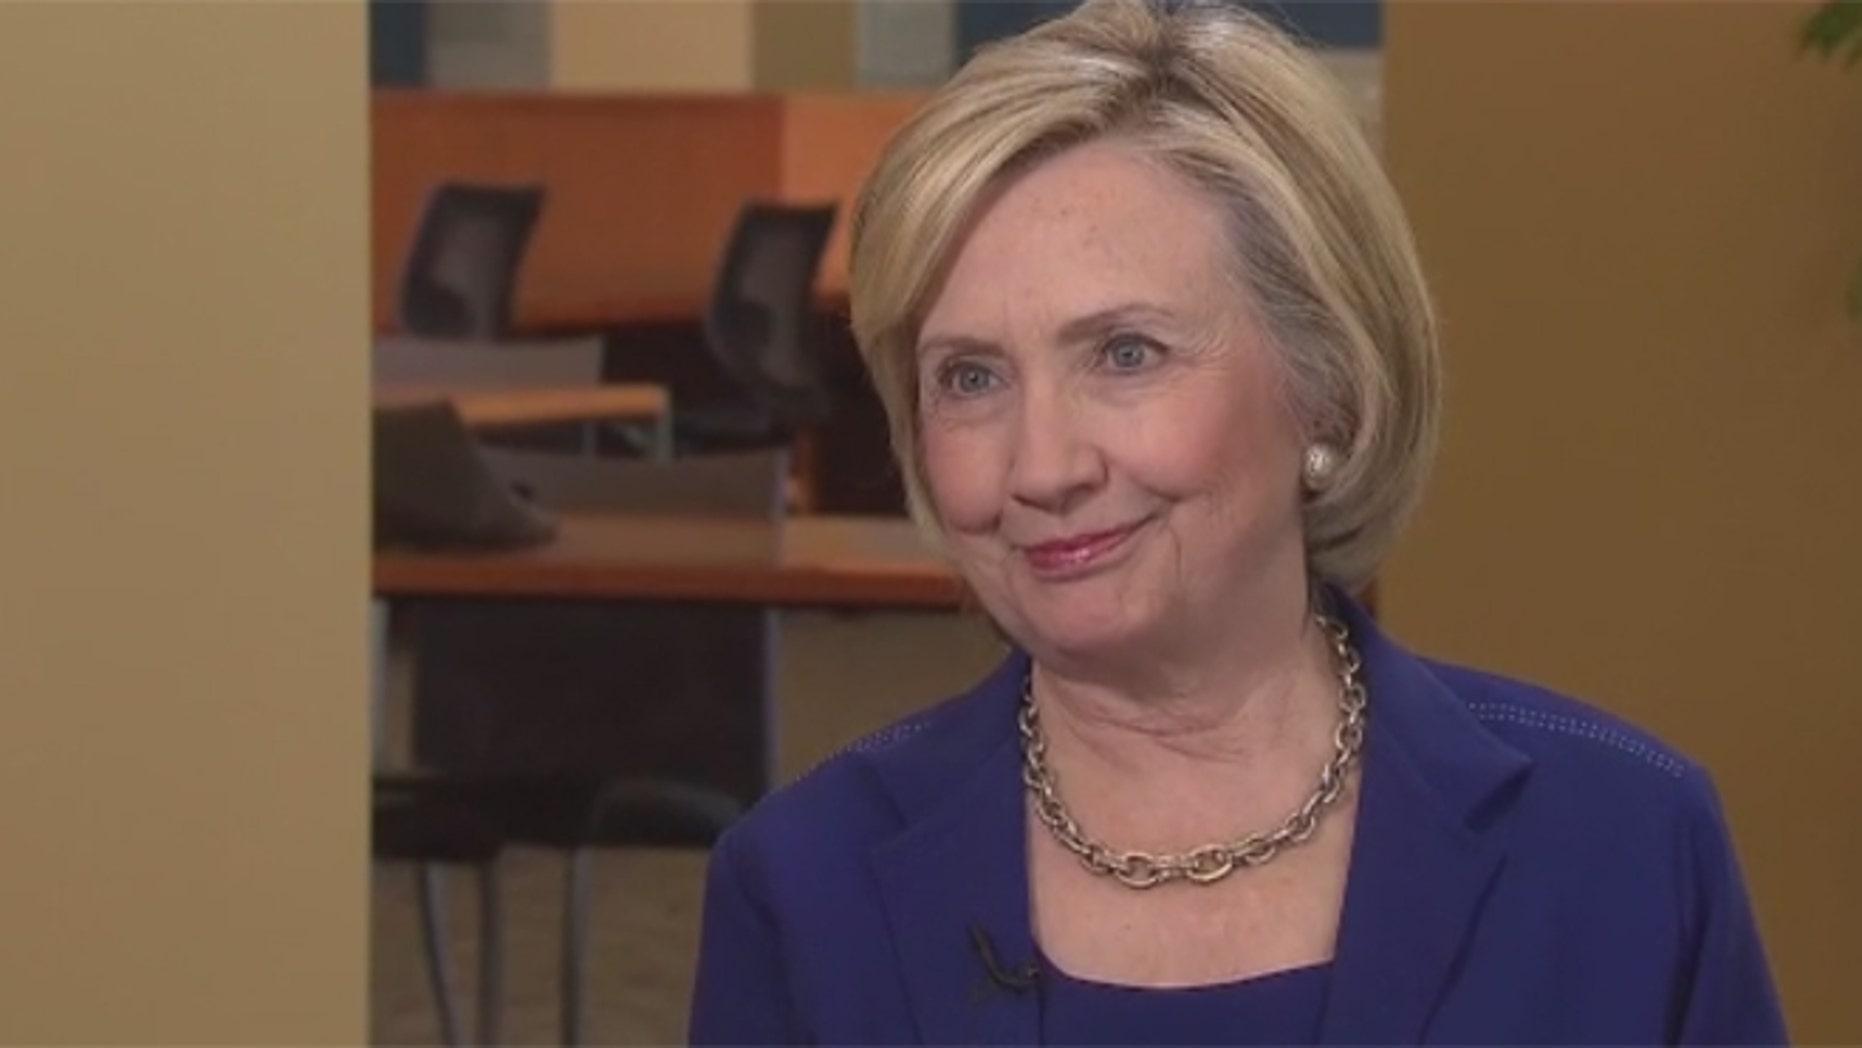 Hillary Clinton being interviewed on CNN, July 7, 2015. (Source: Screen shot via CNN.com)